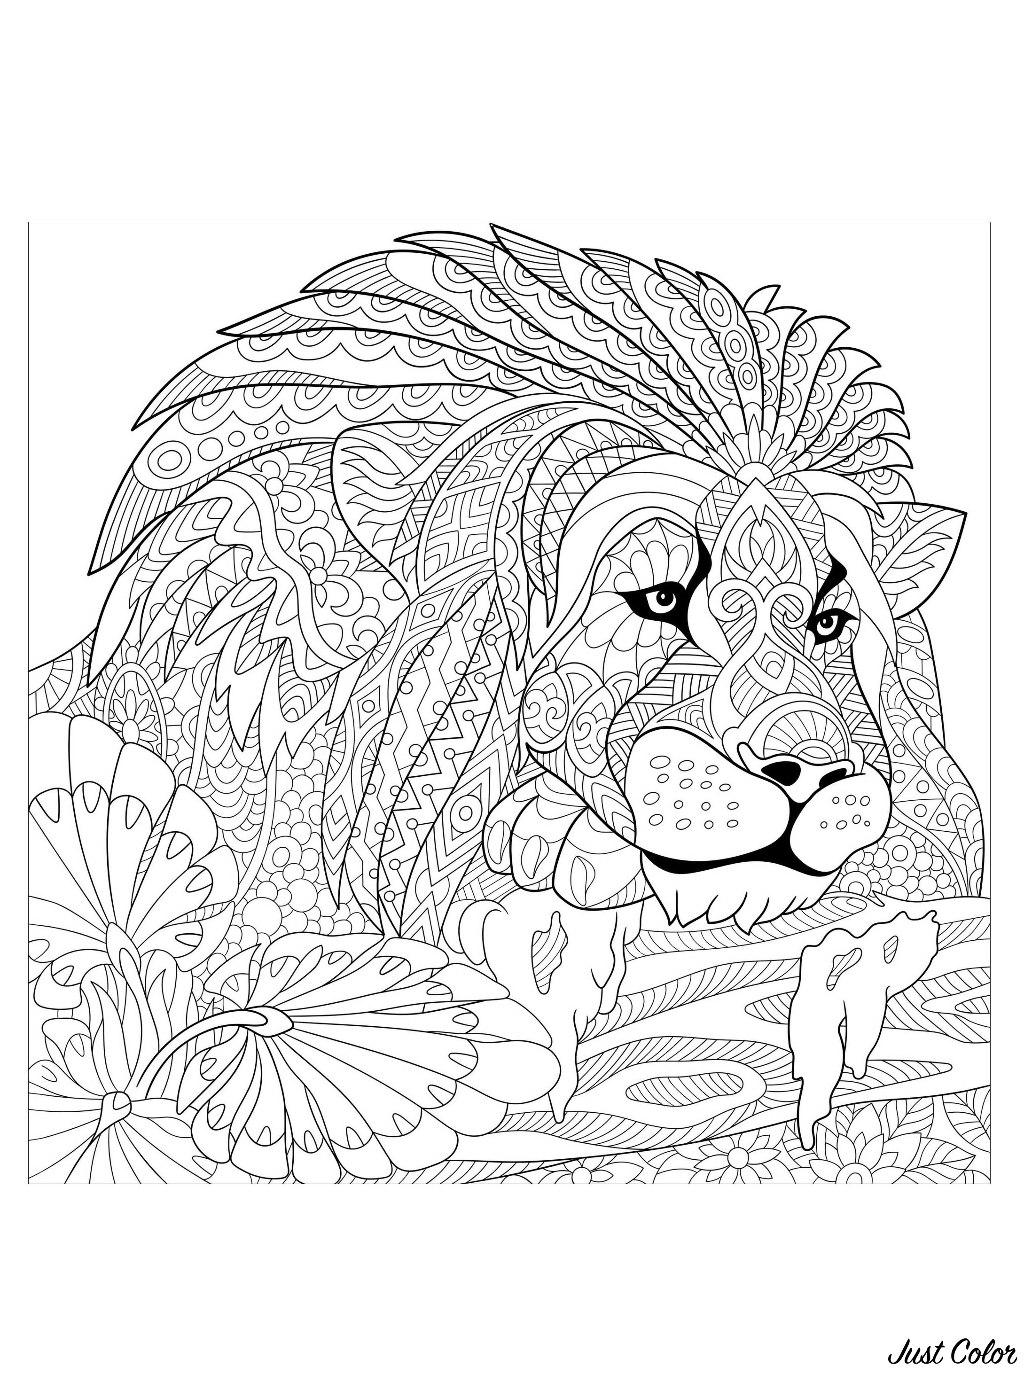 lowen 91394 - löwen - malbuch fur erwachsene